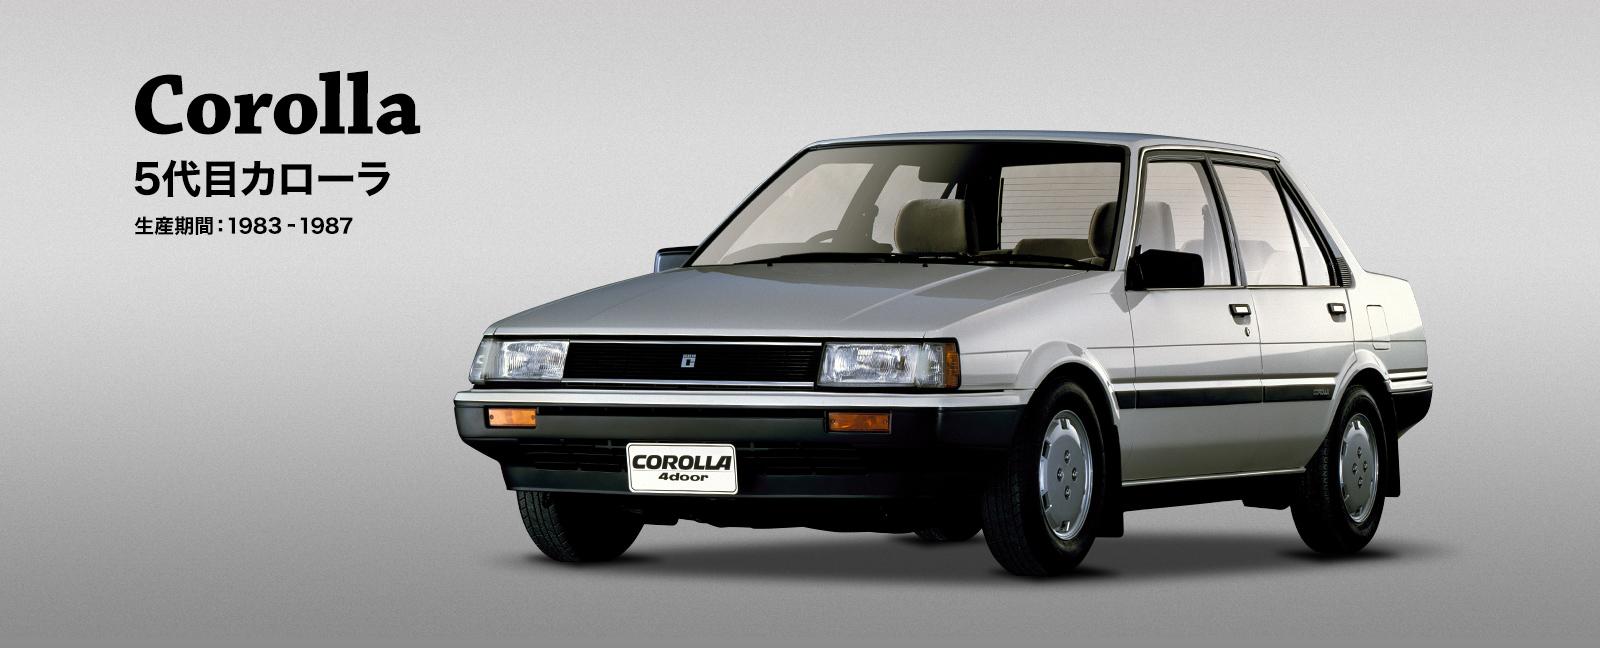 トヨタ 名車ギャラリー 5代目カローラ